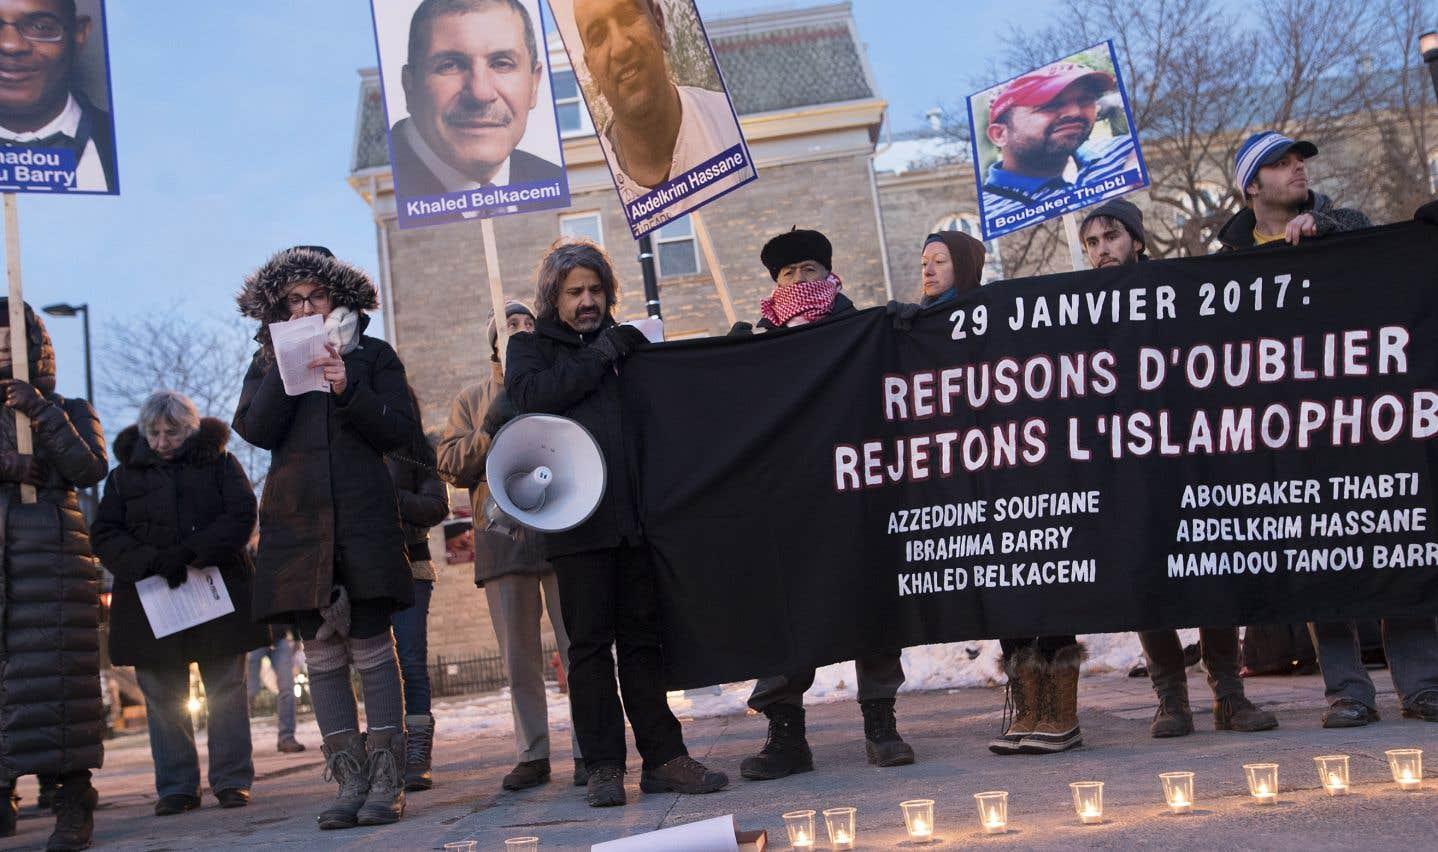 Une centaine de personnes se sont réunies devant la station de métro Mont-Royal, à Montréal, en souvenir des victimes de l'attentat de Québec.